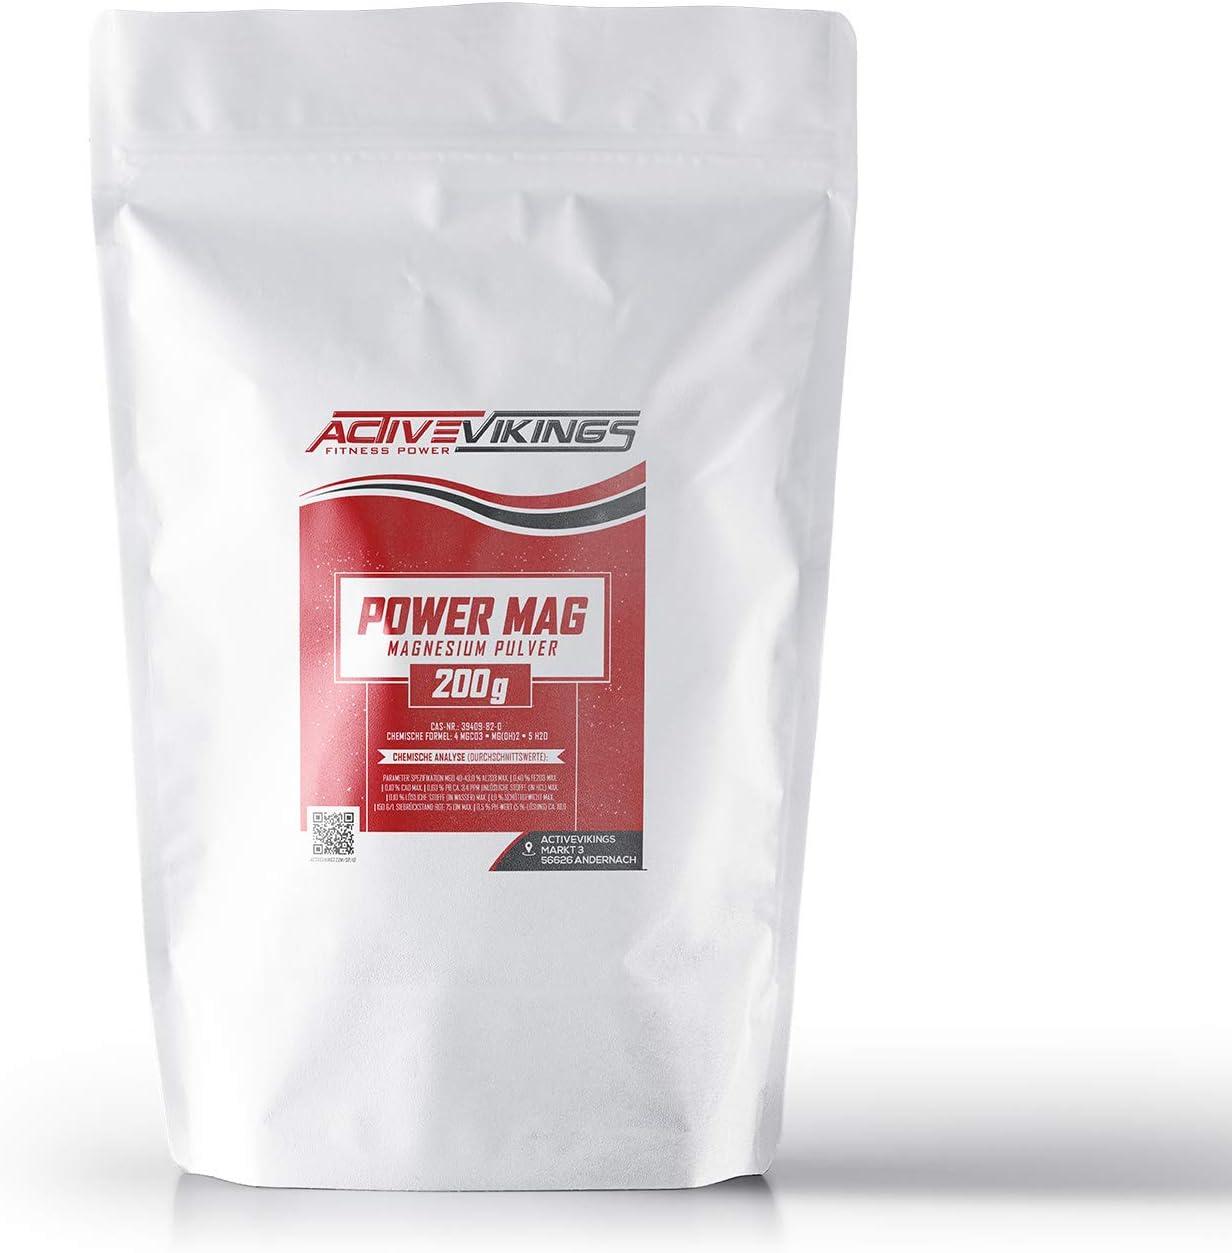 ActiveVikings Power mag Chalk - Bolsa de 200 g de carbonato de magnesio Ideal para la Escalada, el Entrenamiento de Boulder, Fitness y Deportes de Fuerza: Amazon.es: Deportes y aire libre